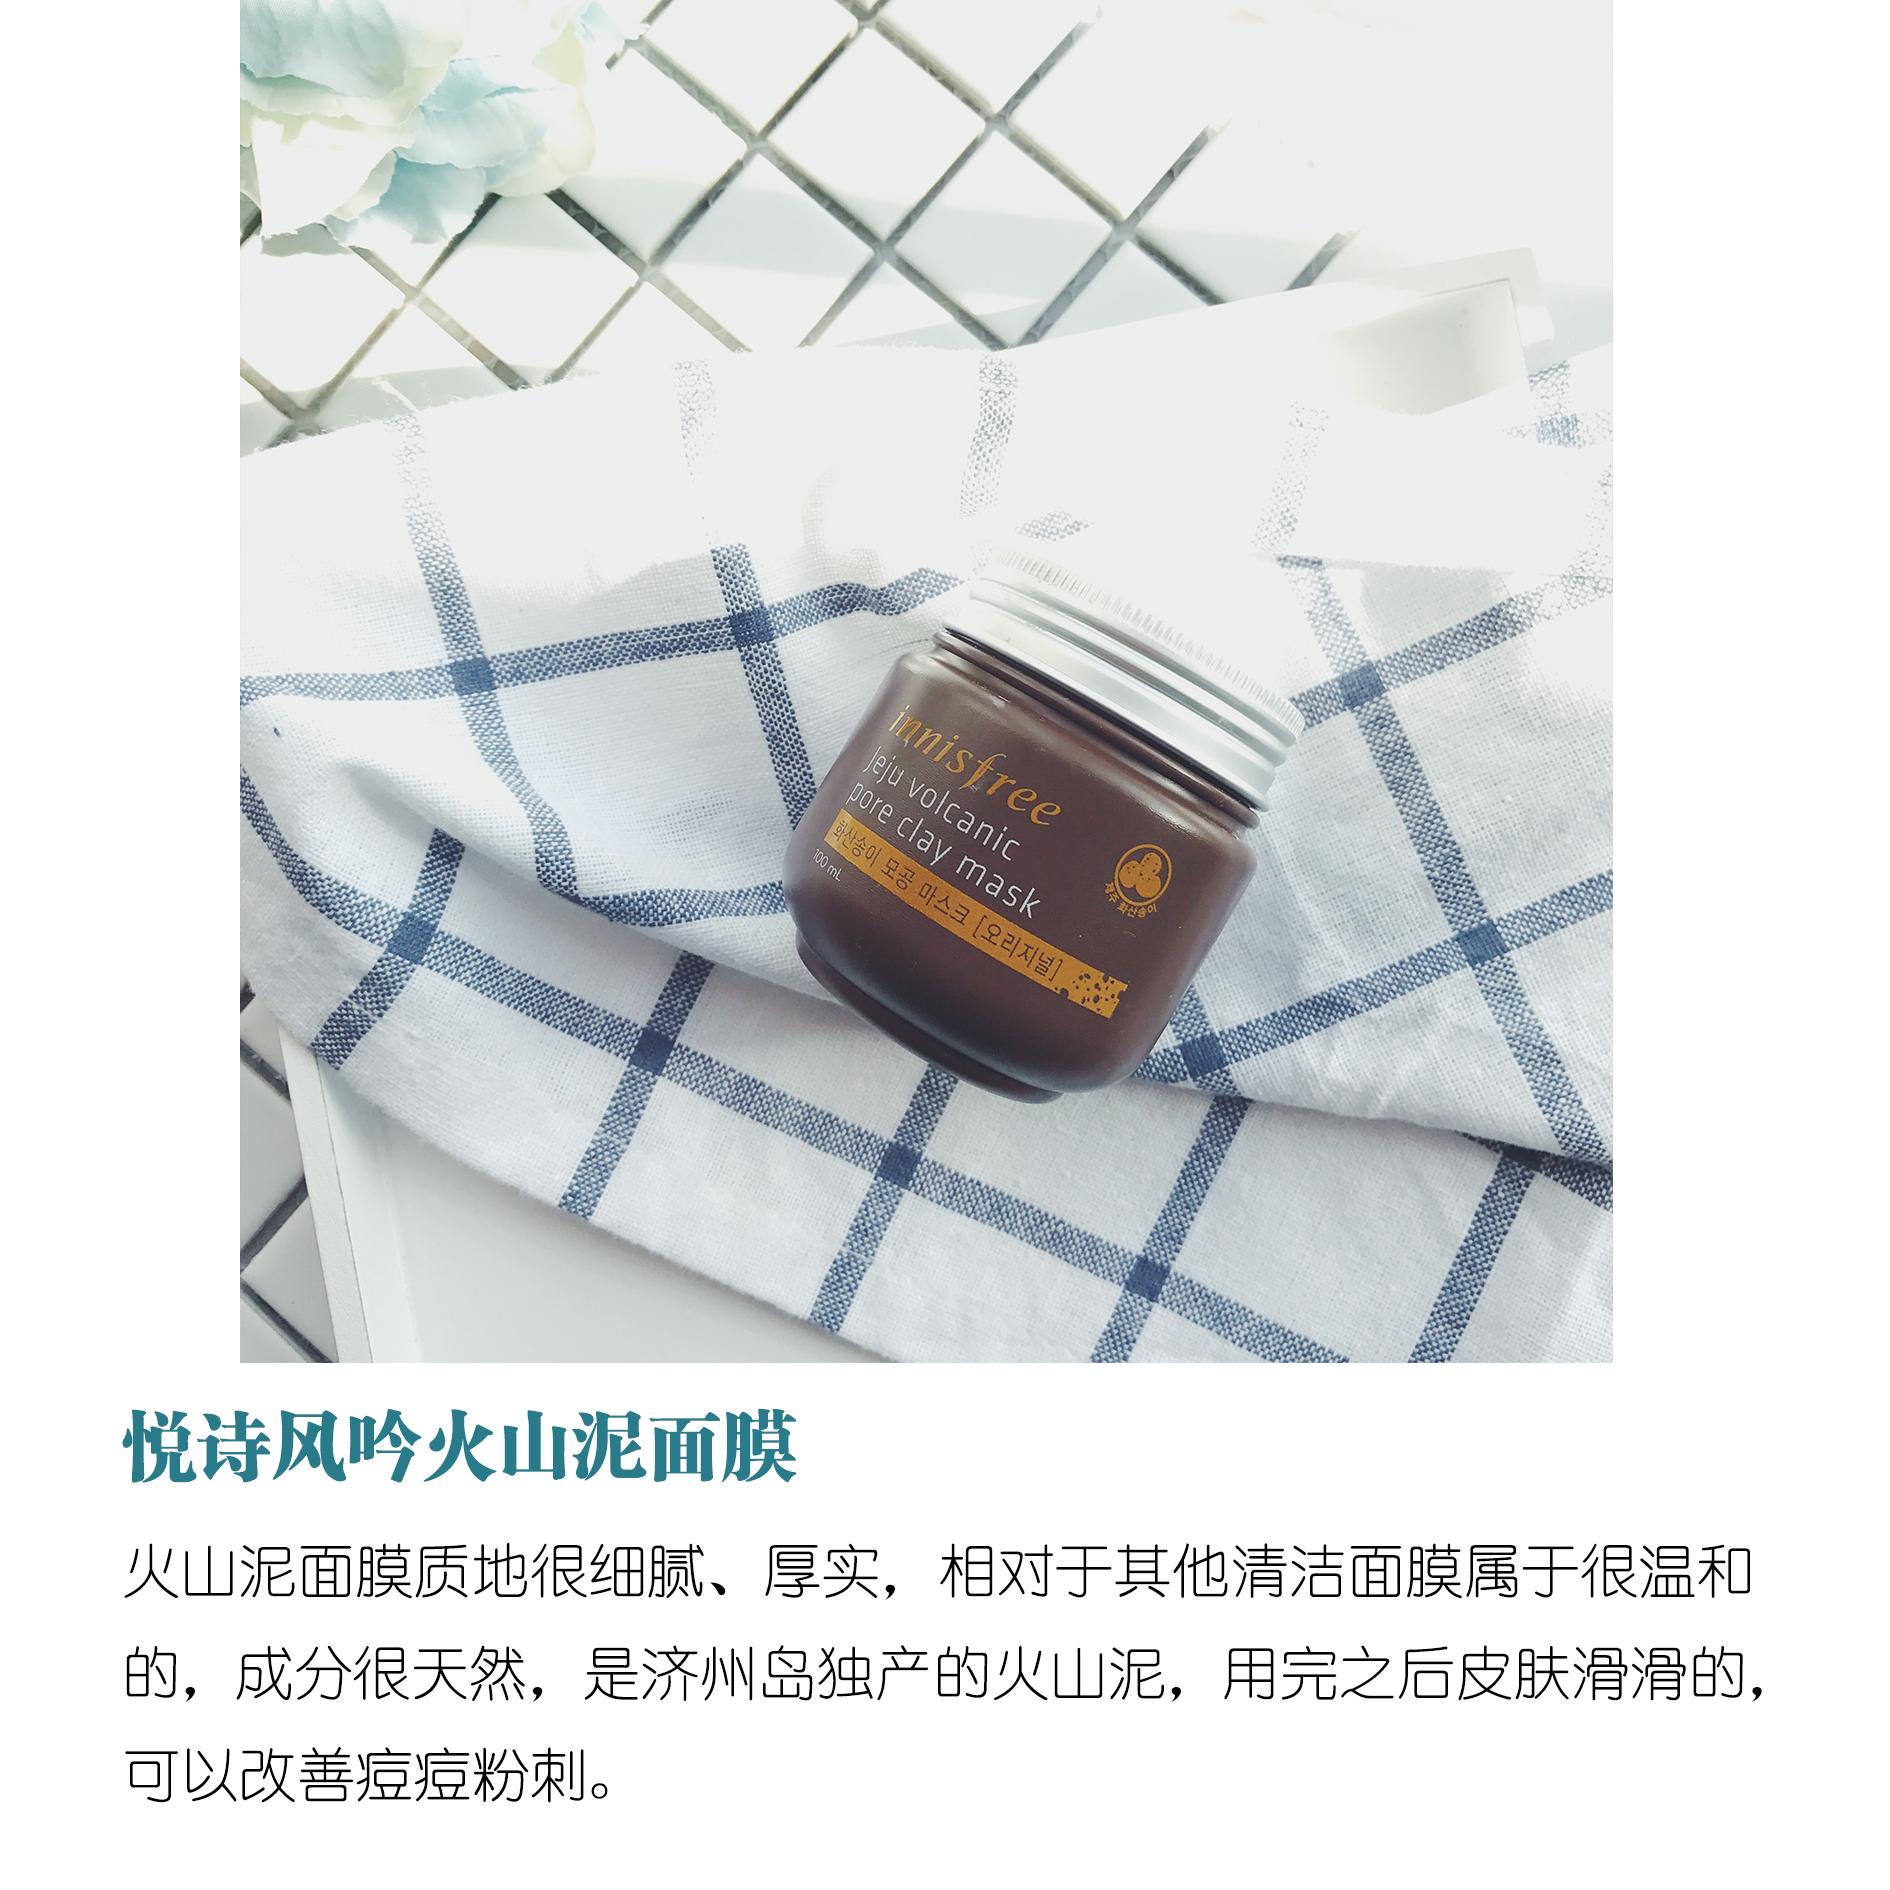 38悦诗风吟火山泥面膜.jpg